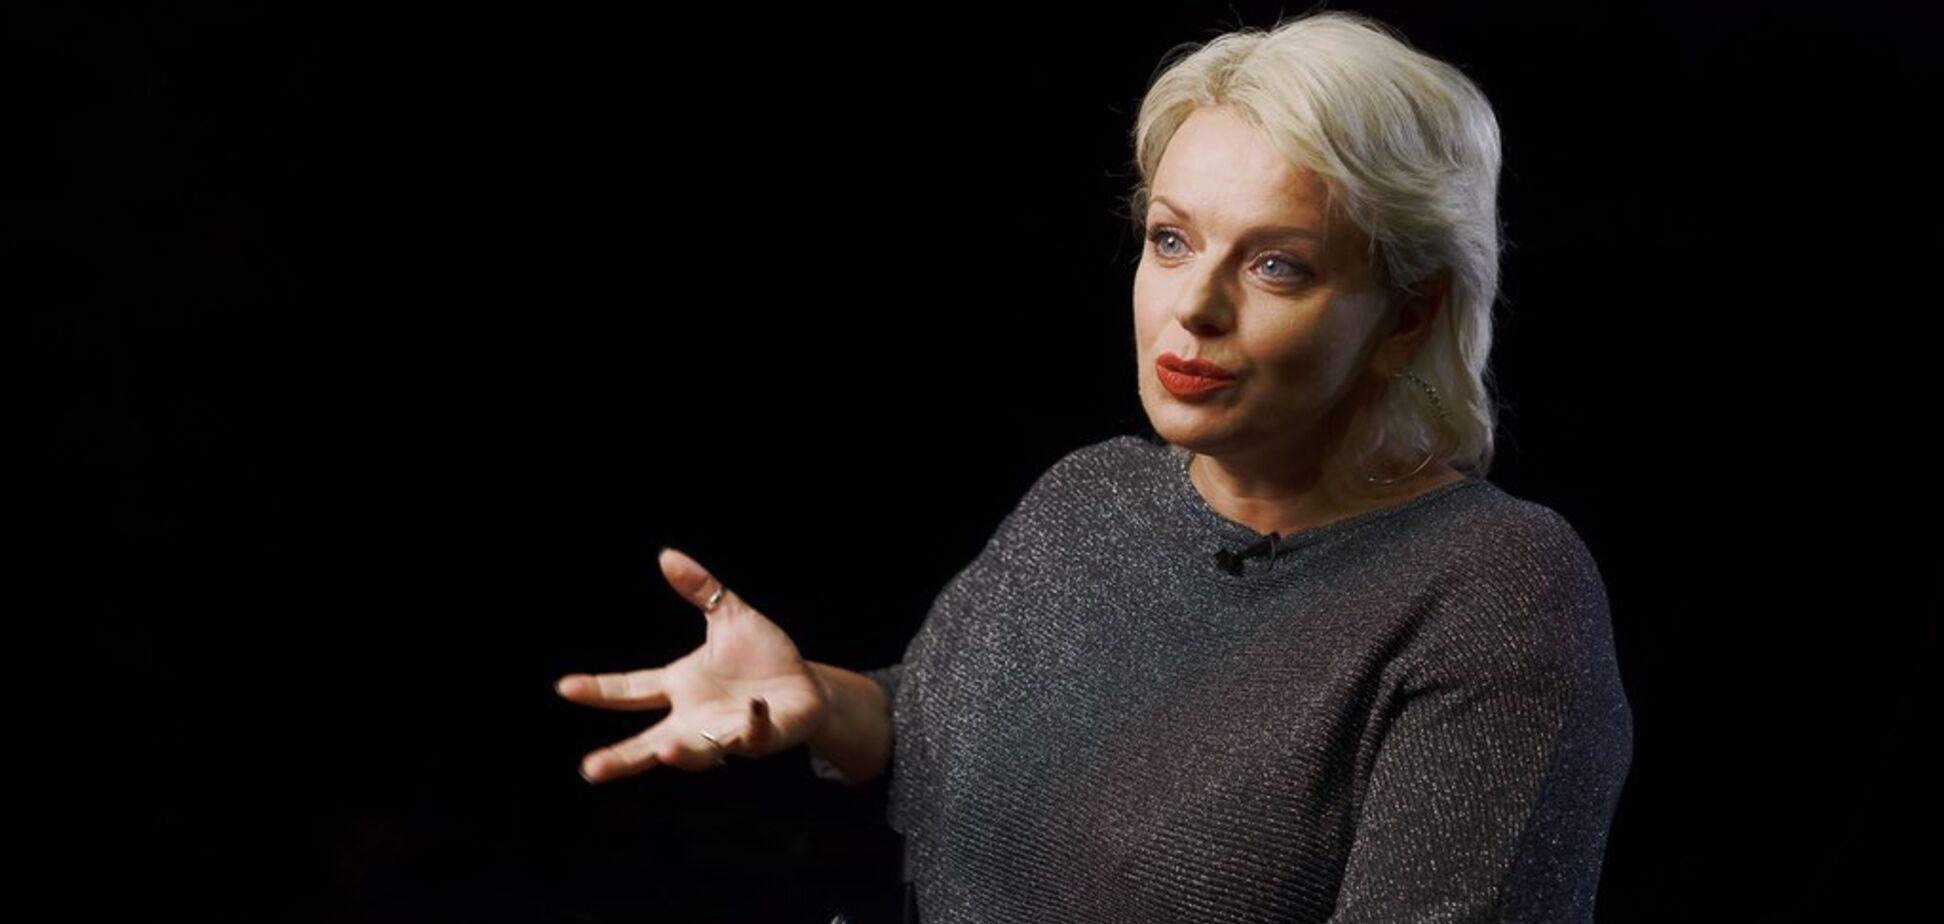 'Повинні пройти всі': відома актриса запропонувала ввести в Україні тест на громадянство